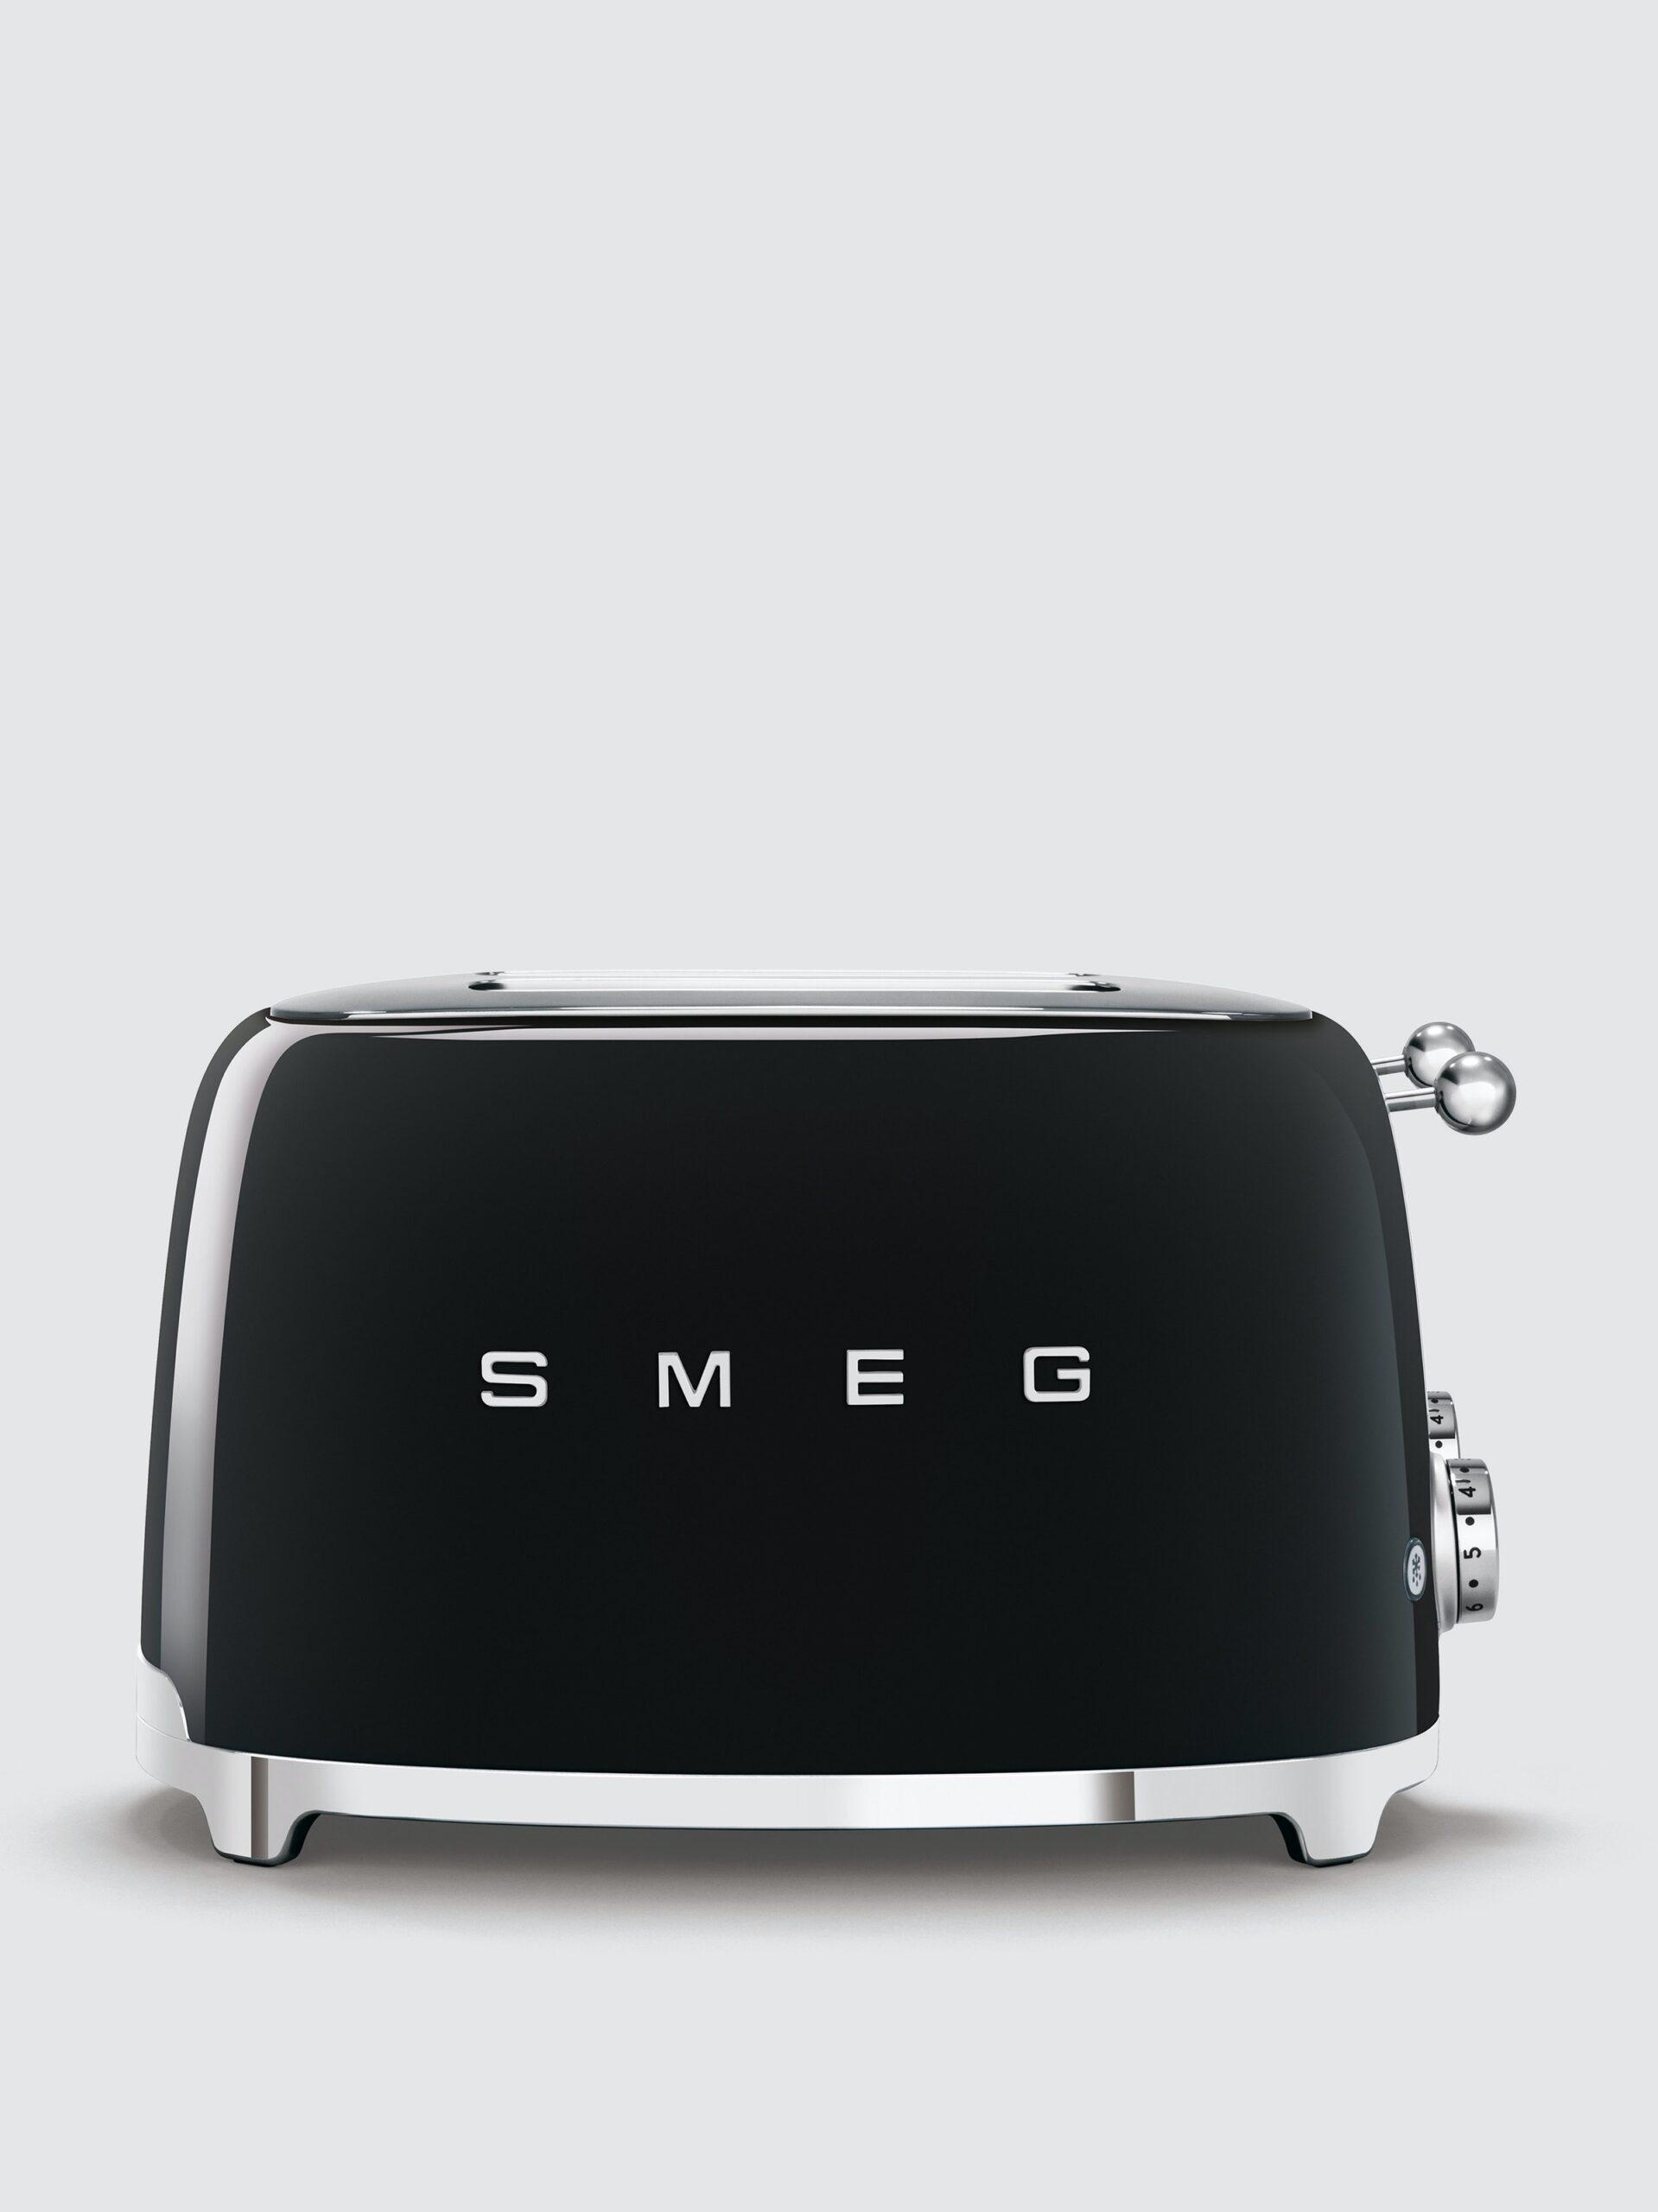 Smeg 4x4 Slot Toaster $249.95